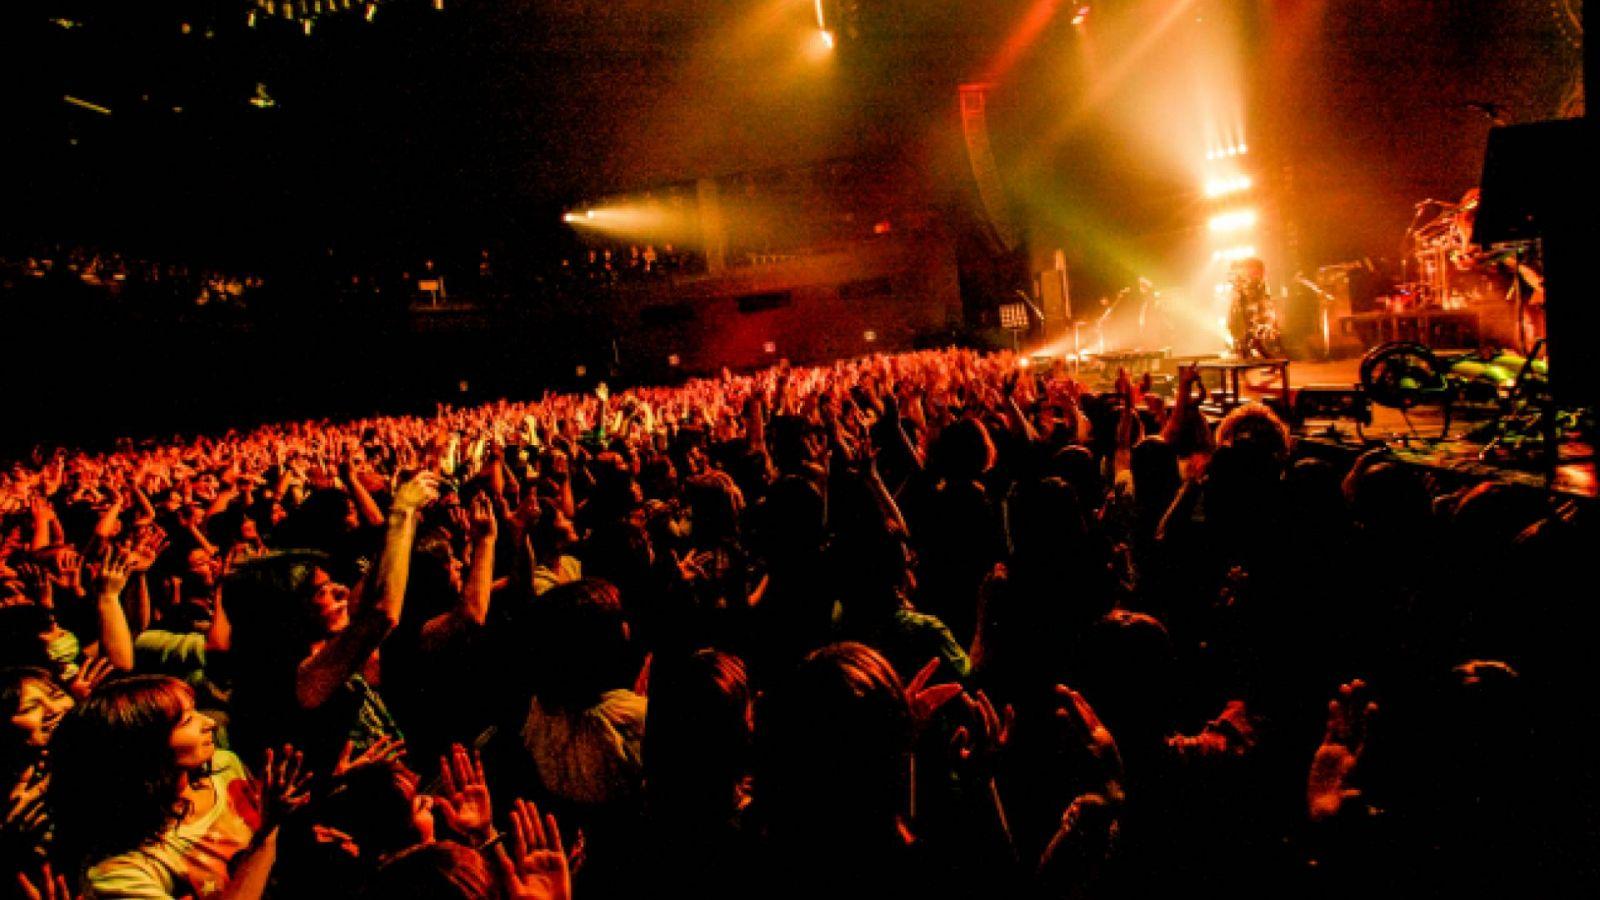 O show exclusivo do the GazettE para seu fã-clube no Zepp Tokyo © The GazettE